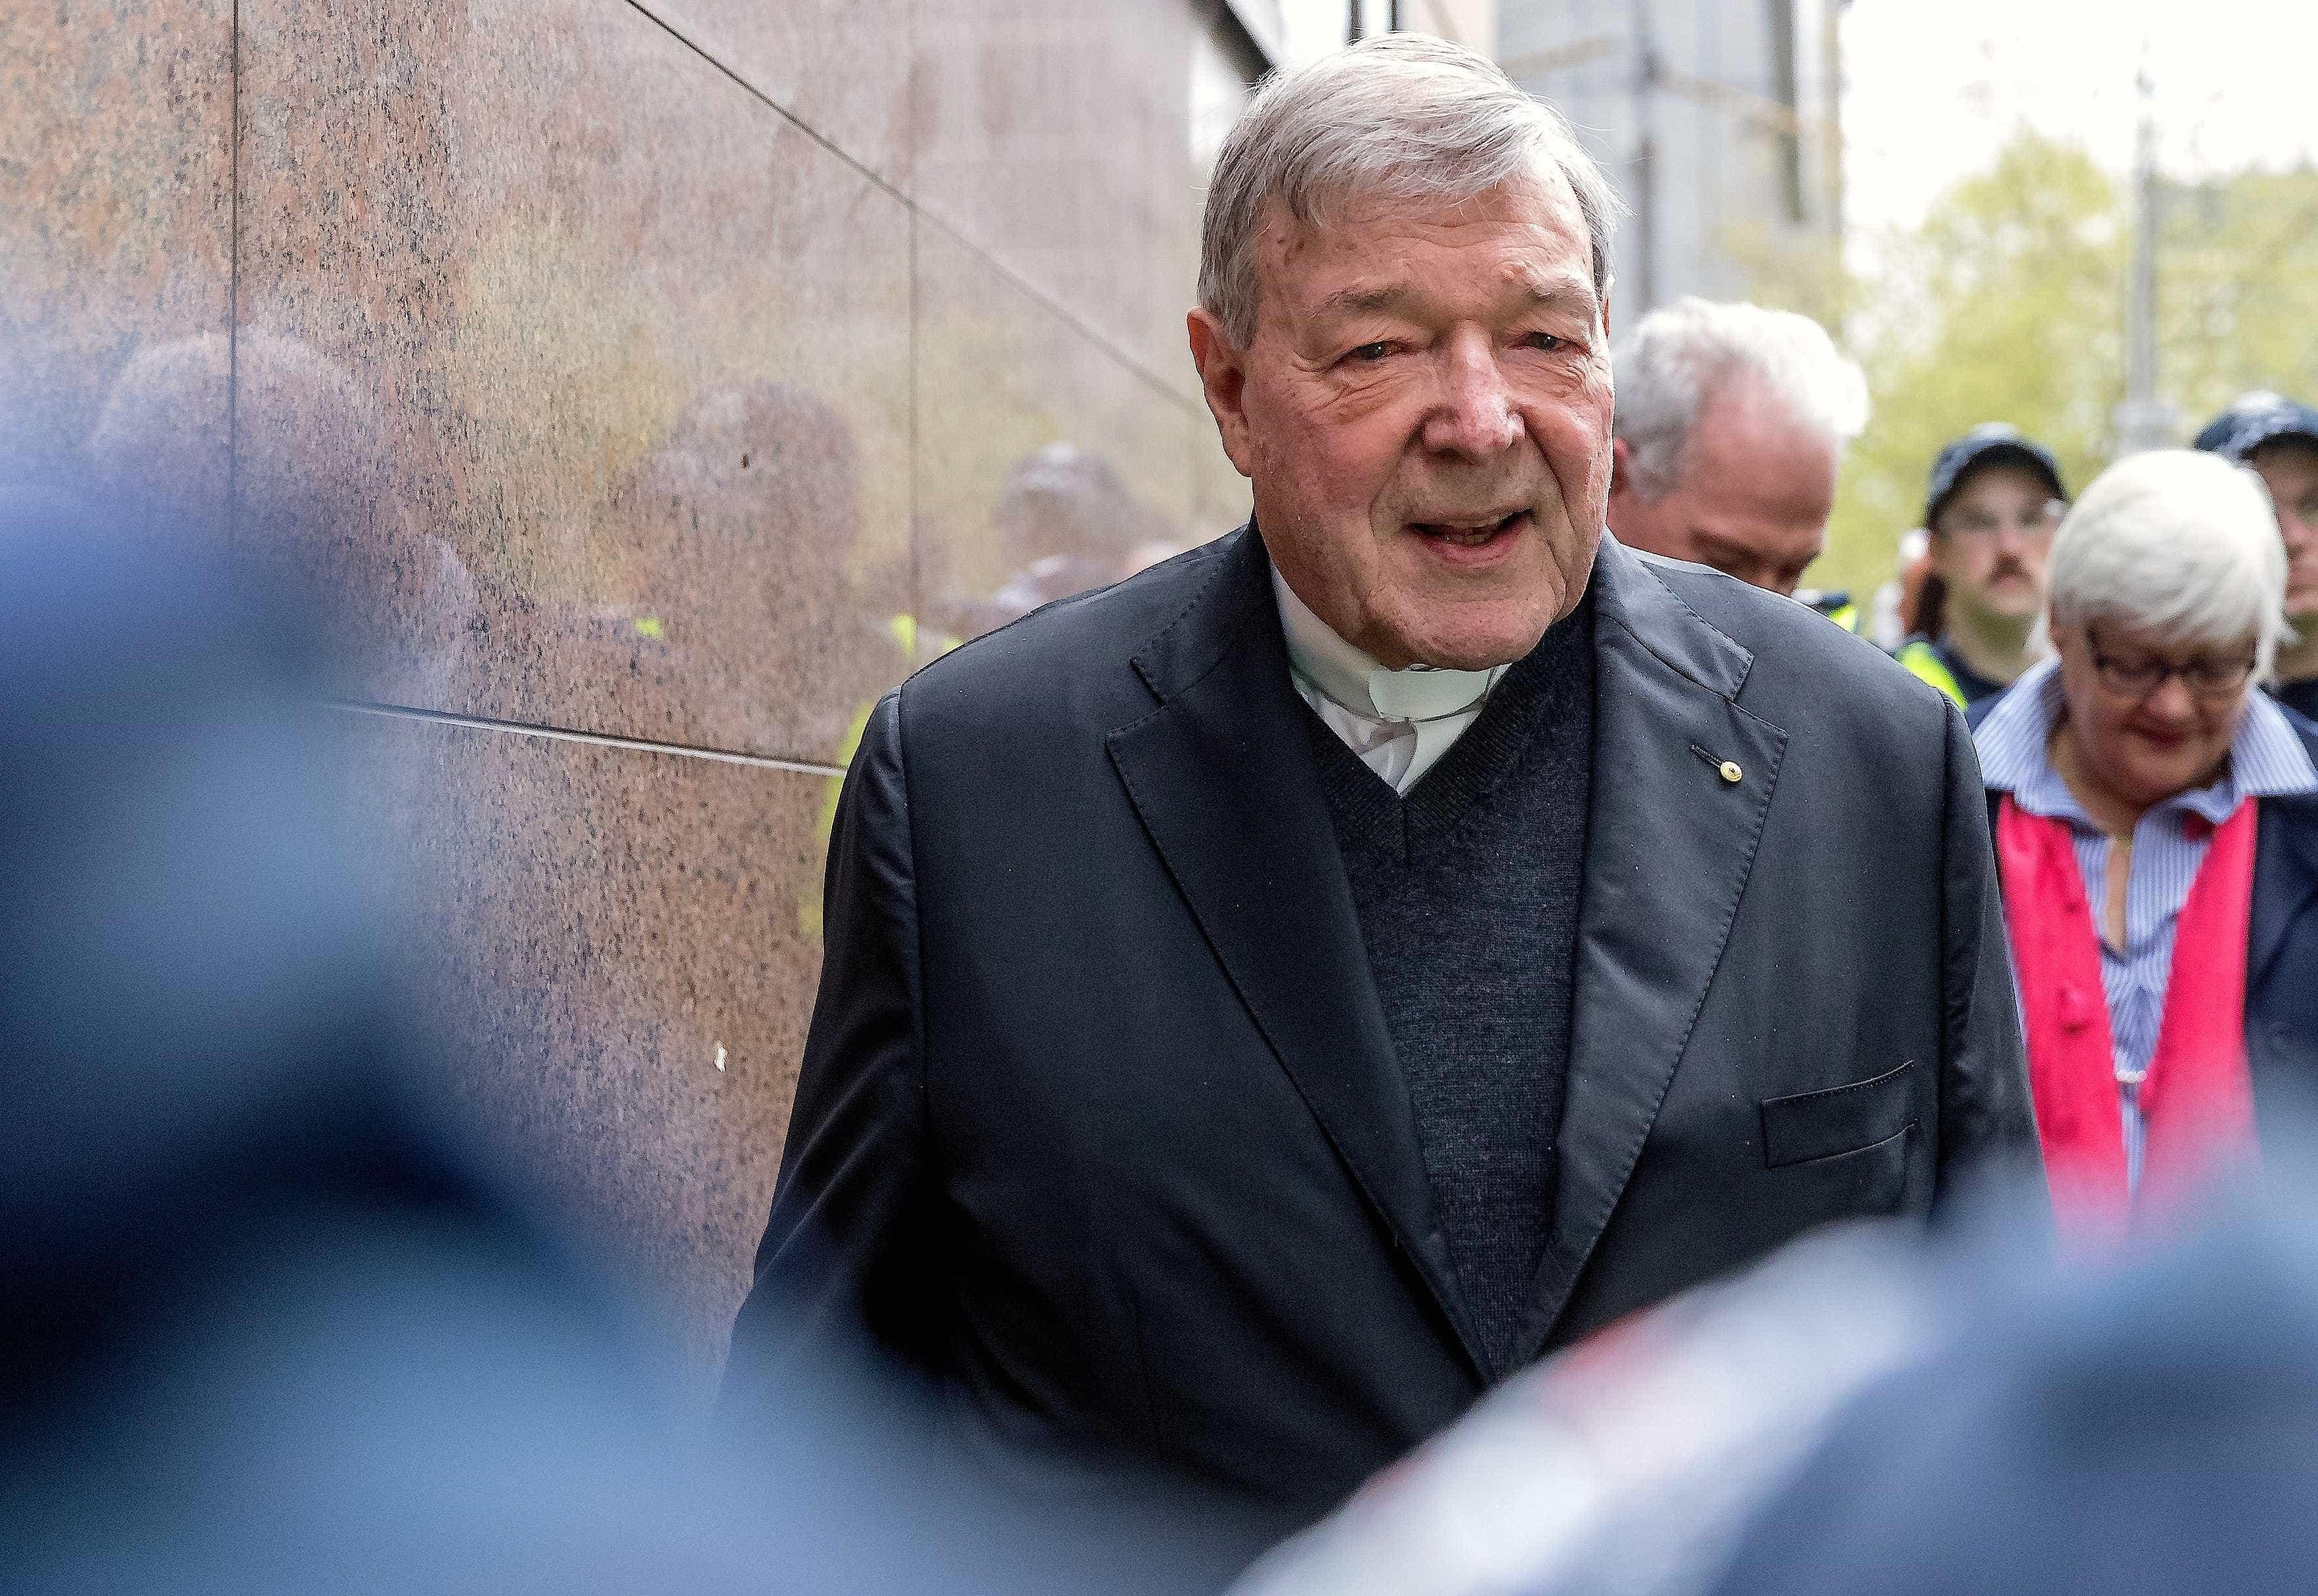 Tribunal australiano ordena detenção do cardeal condenado por pedofilia